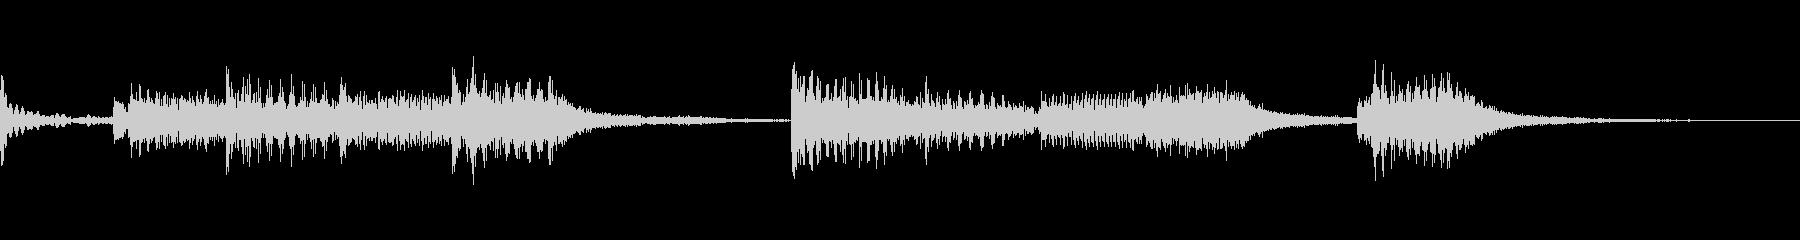 ドラムのリニアフレーズが特徴なロックの未再生の波形